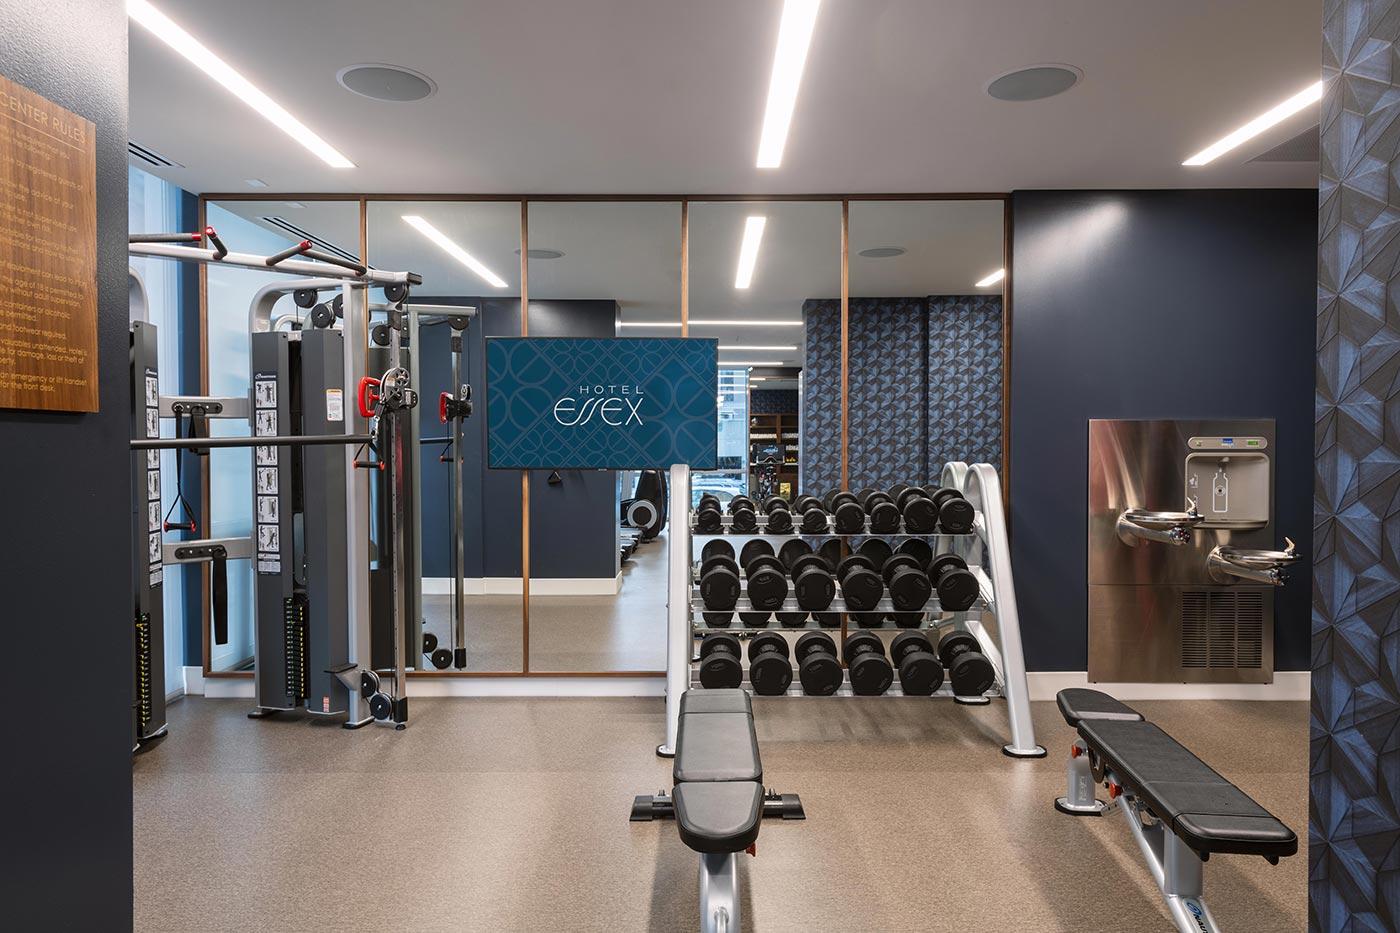 Hotel Essex gym